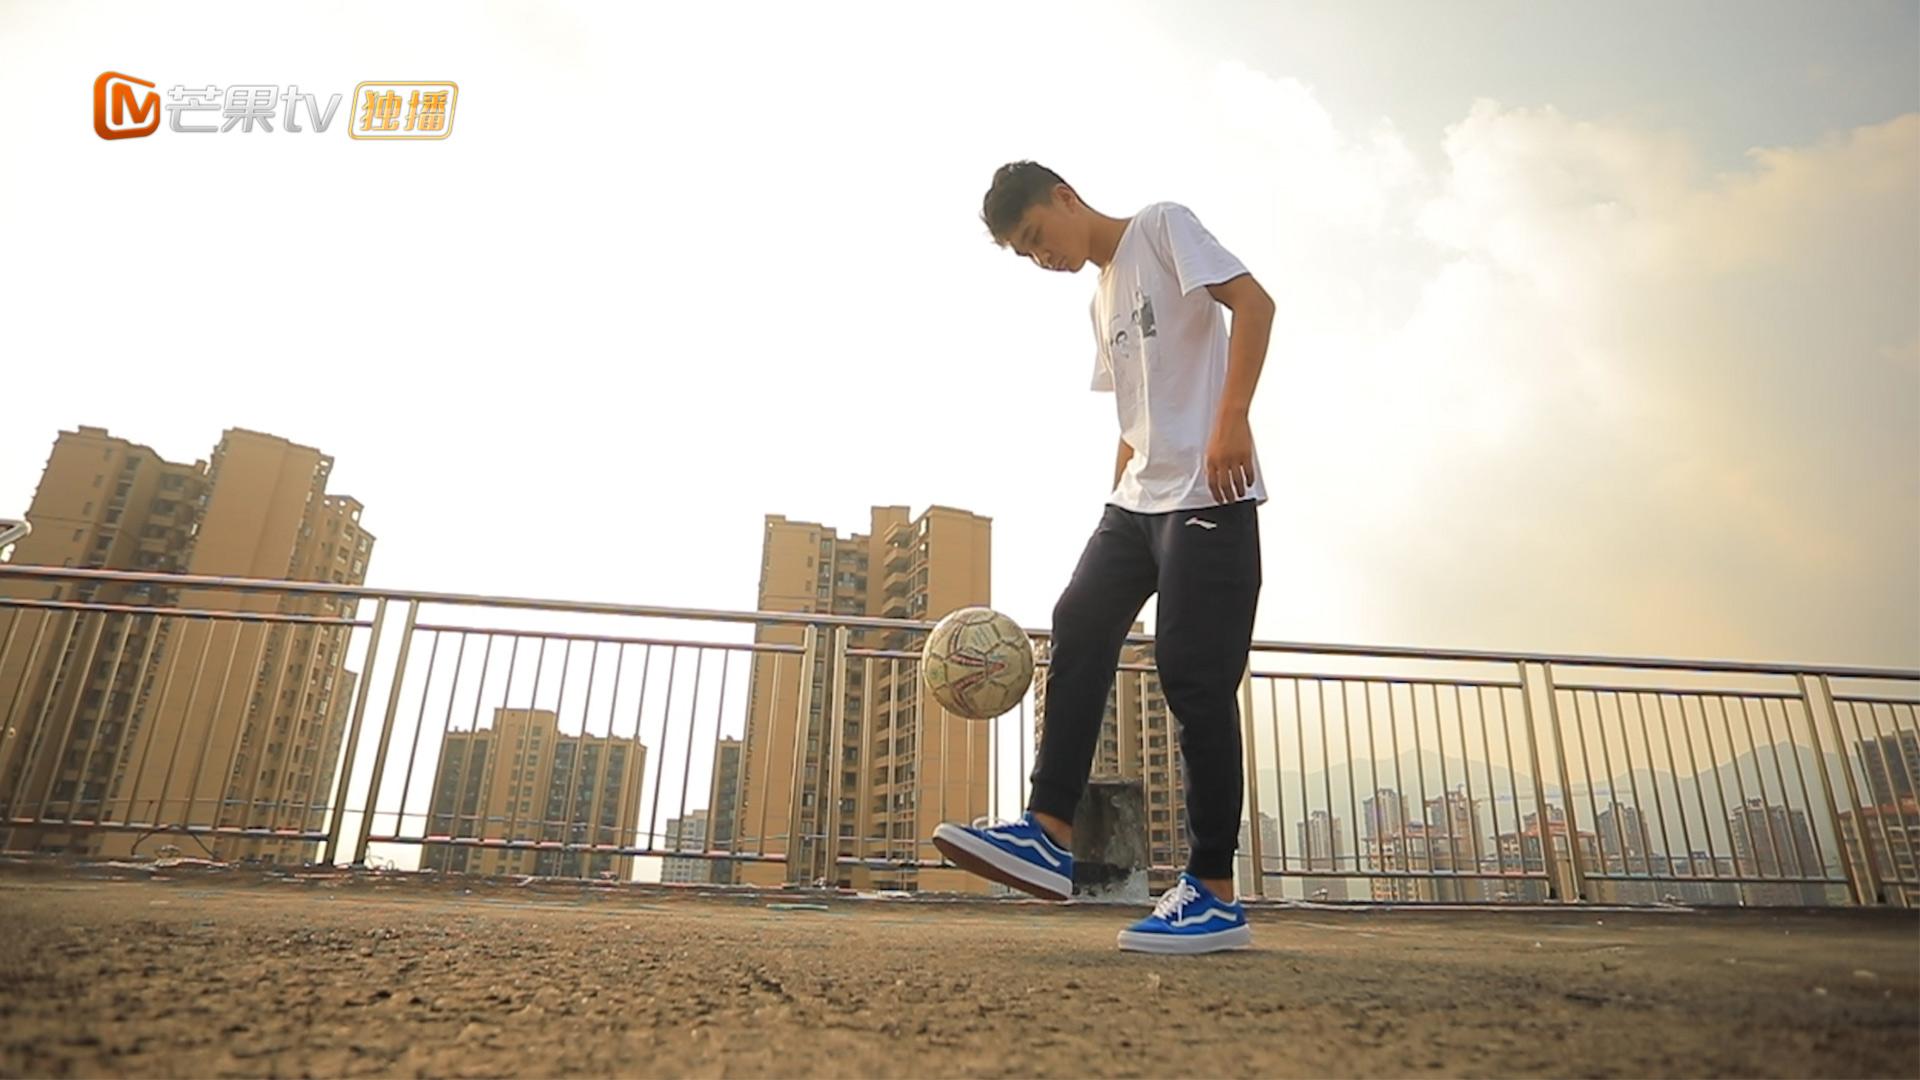 上海ag娱乐《变形计》启动夏日少年派 少年守护内心足球梦